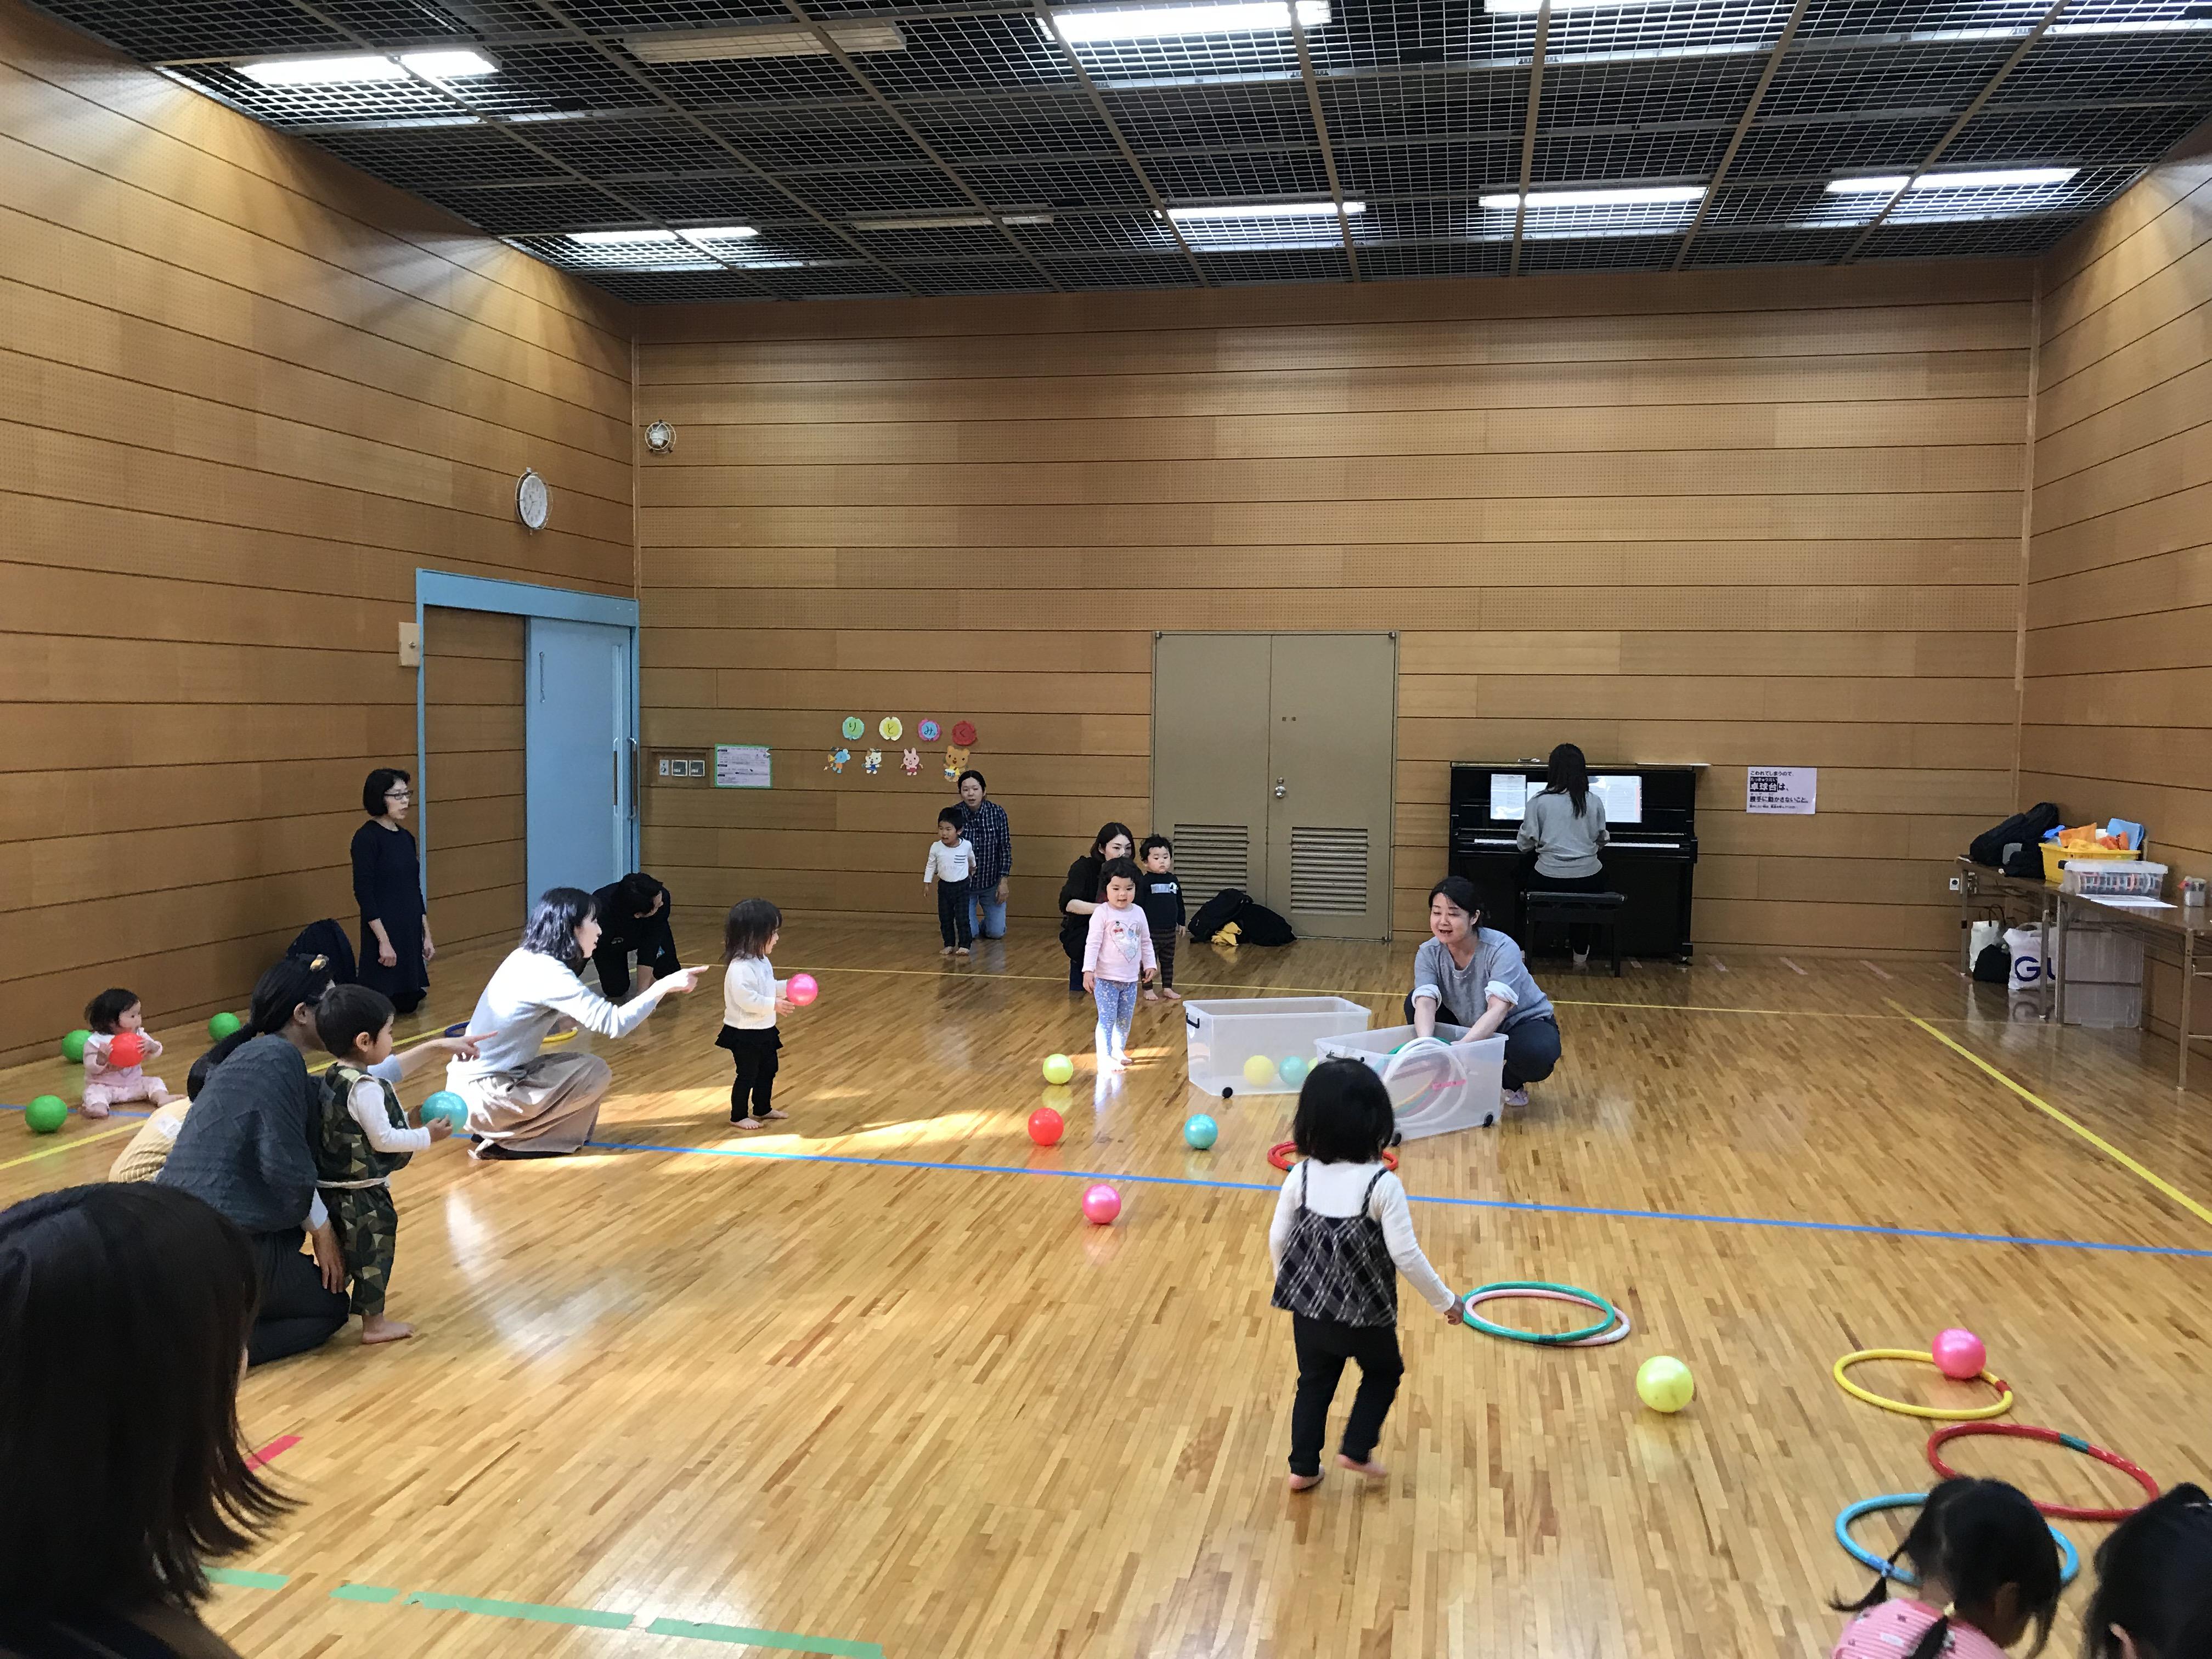 教室が始まるまではそこらじゅうに置かれていたボールやフープ。遊んでいた子ども達も、先生の見本を見ながらお片付けボックスへ持っていきます。